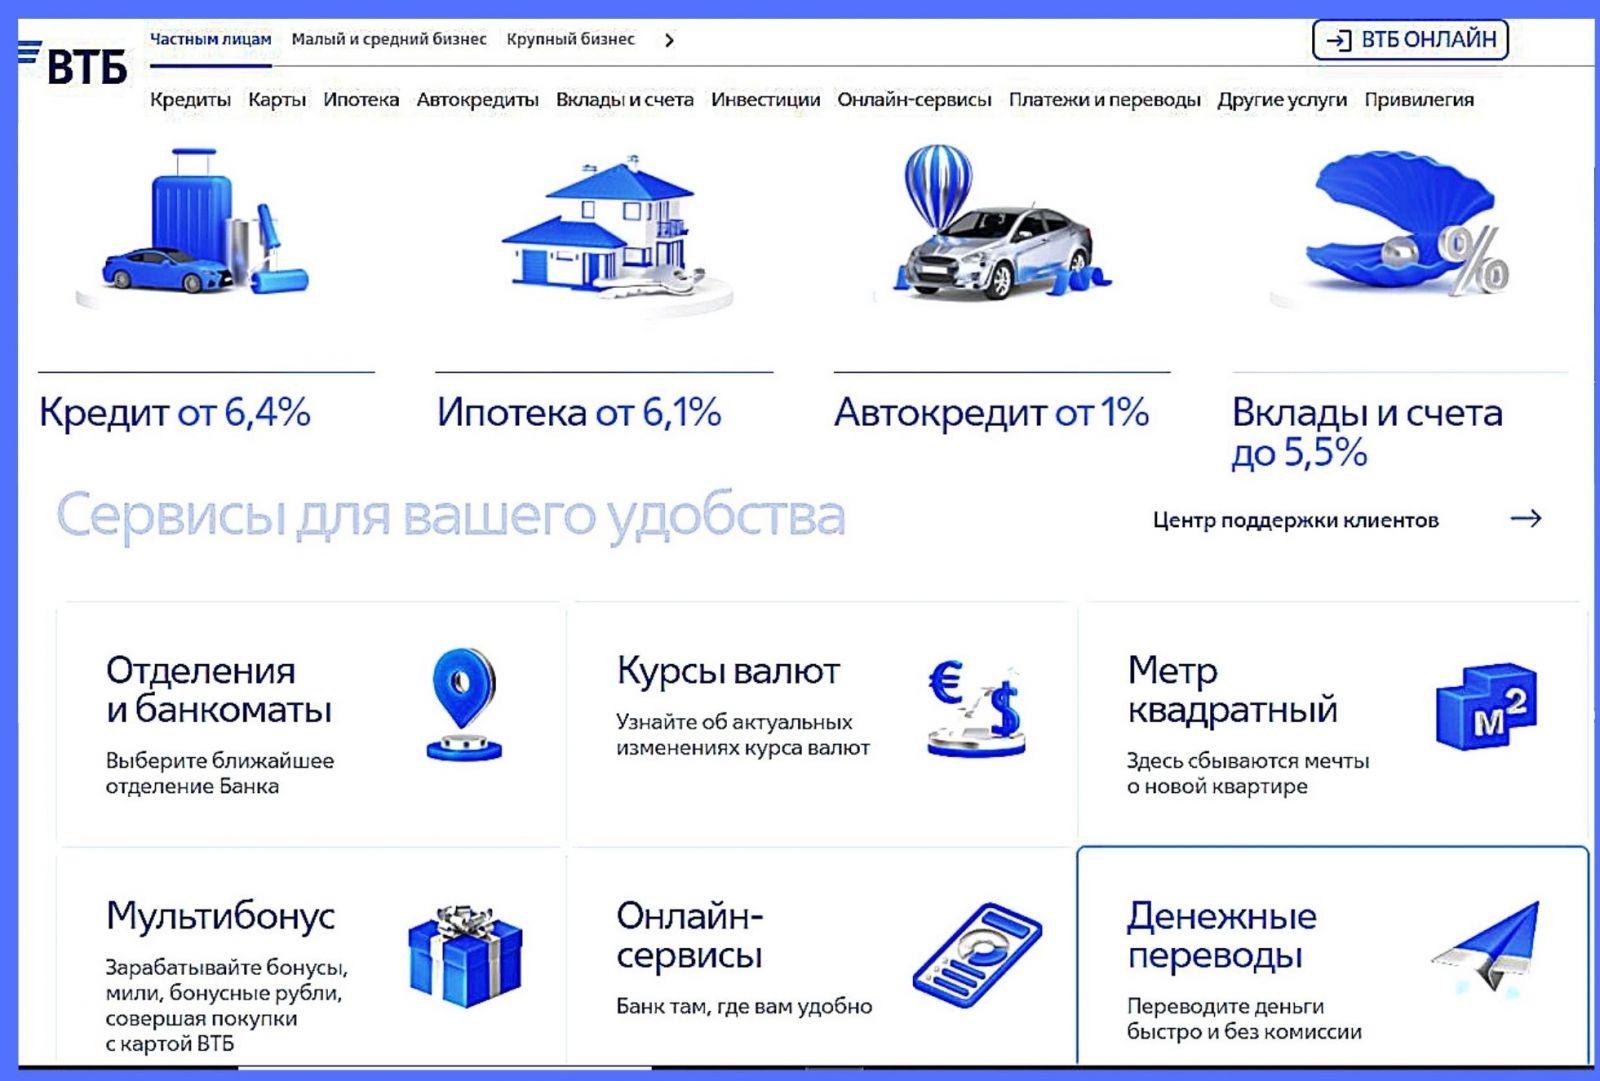 Информация о ВТБ